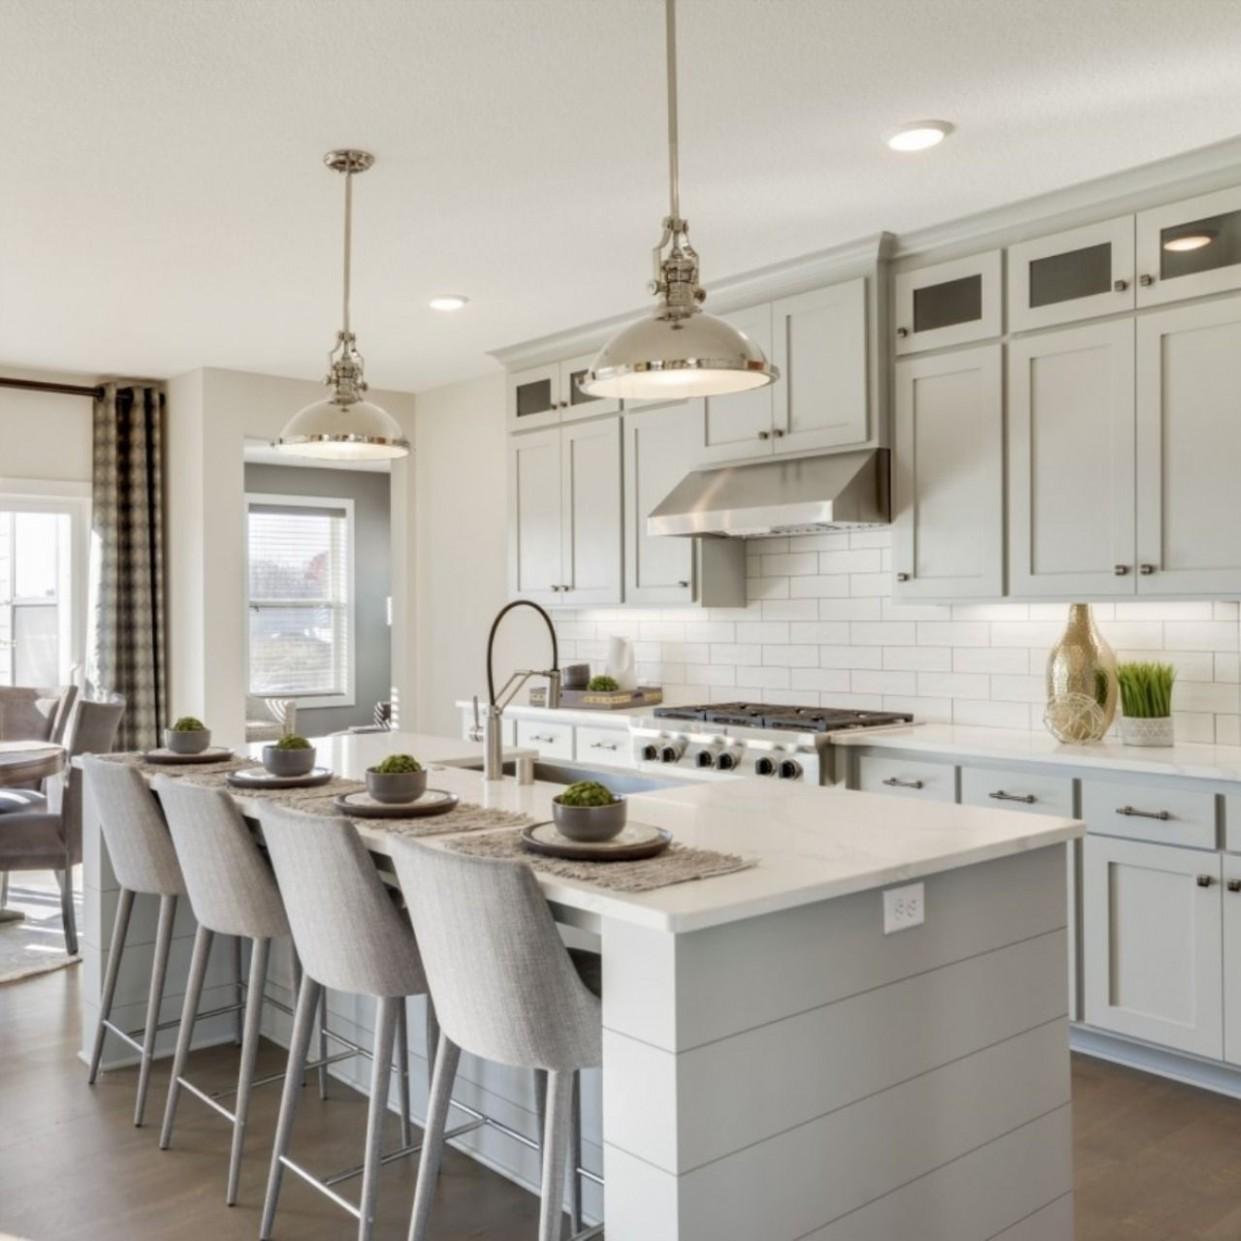 Hanson Builders - Hillcrest Kitchen in 11  Kitchen interior  - Hanson Kitchen Cabinets